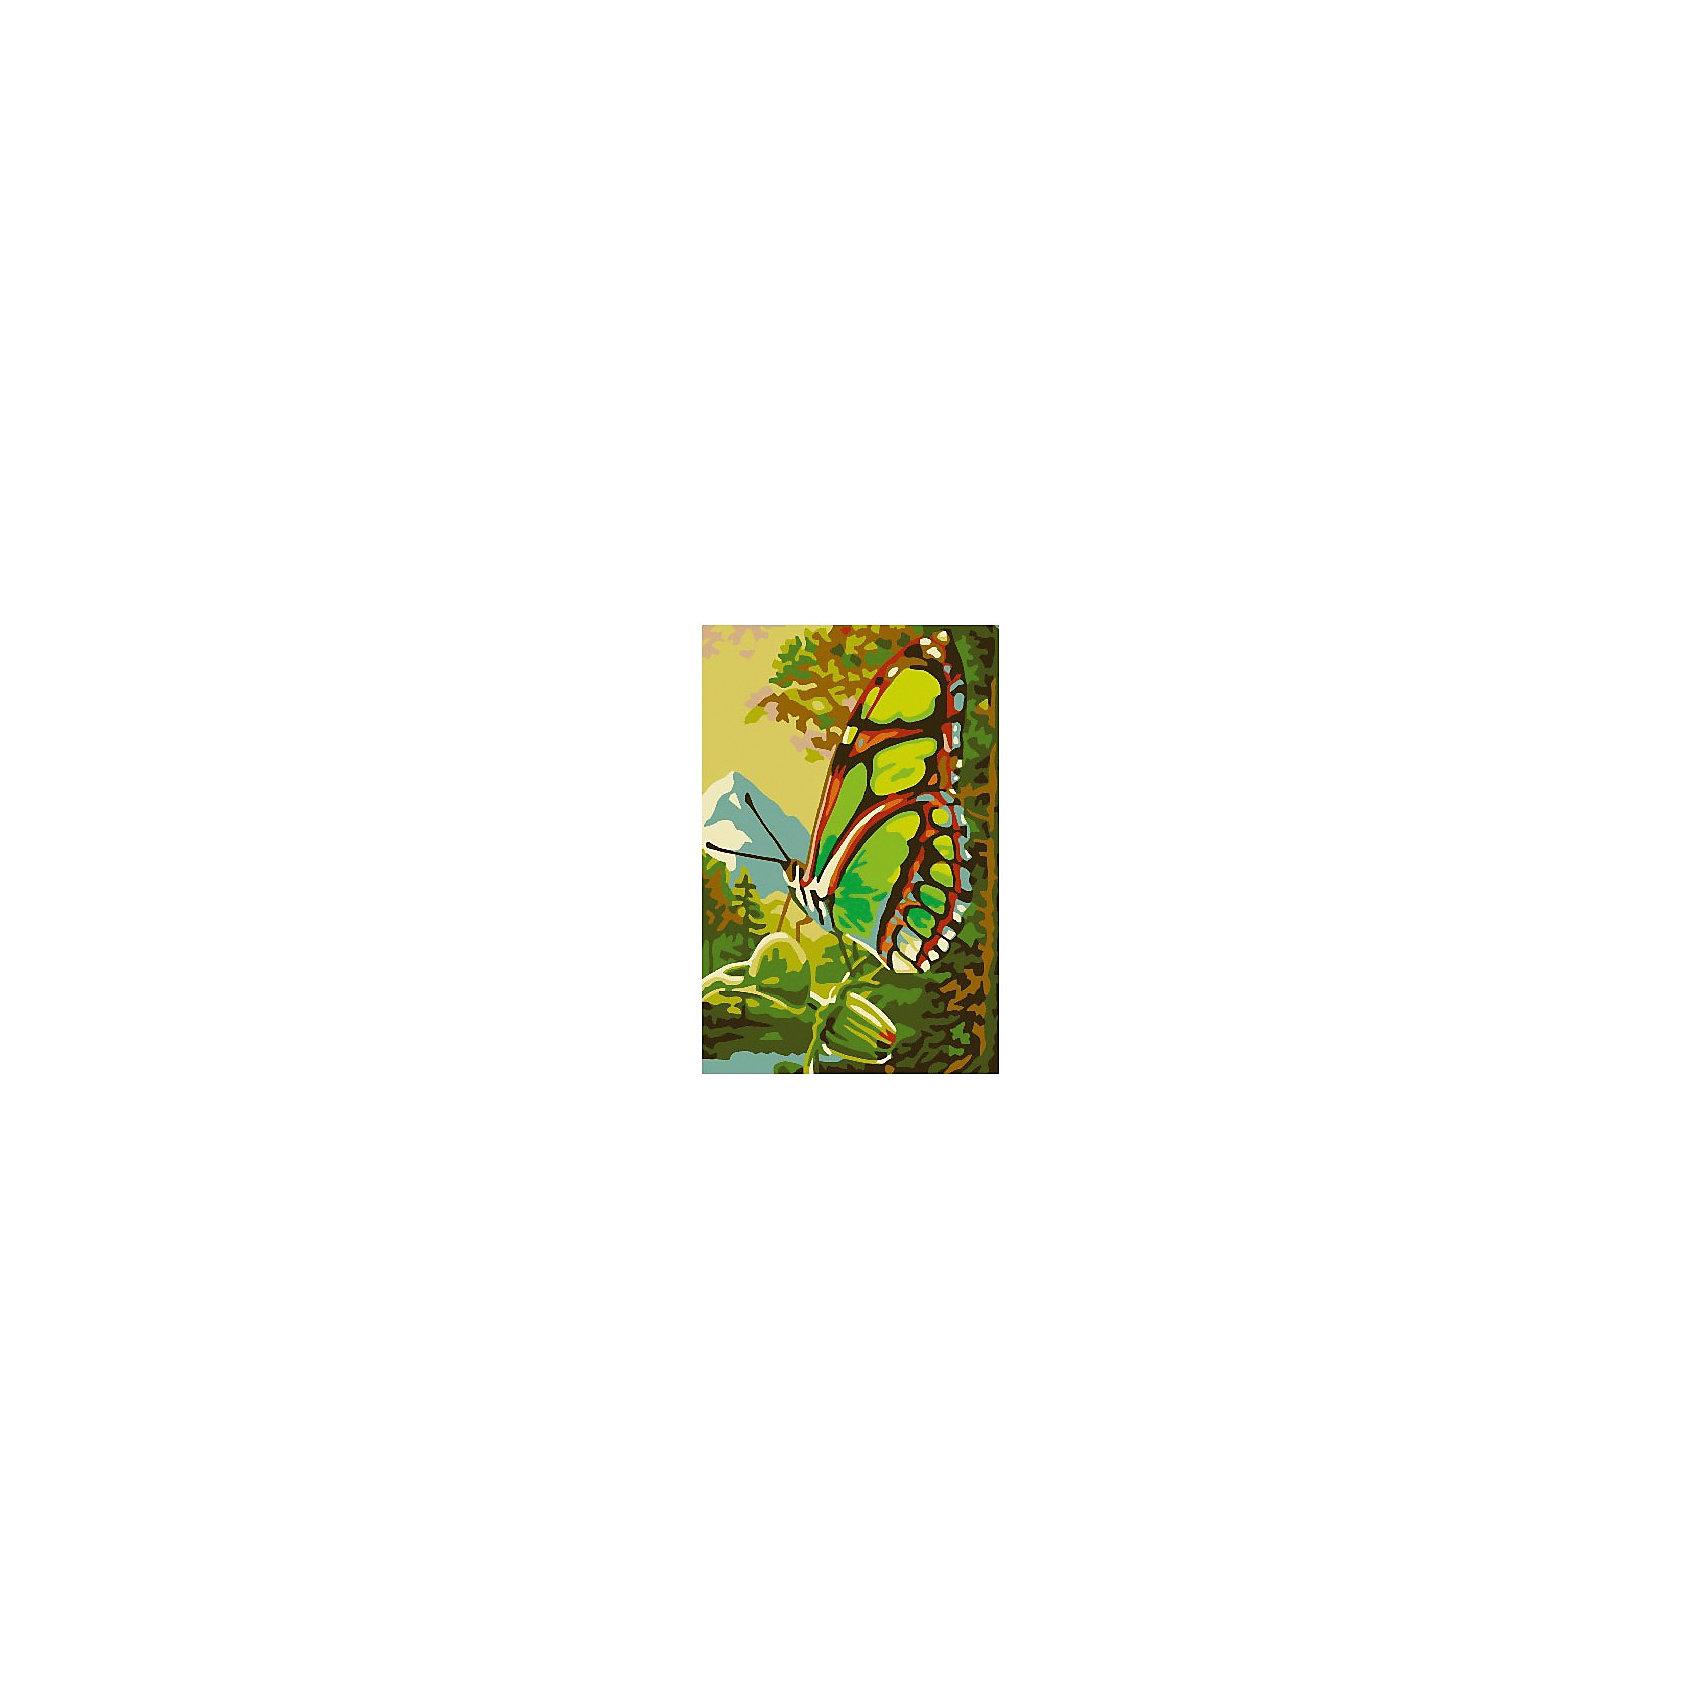 Набор юного художника Бабочка, 20*30 смРисование<br>Детские картины с раскраской по номерам размером 20*30. На деревянном подрамнике, с прогрунтованным холстом и  нанесенными контурами картины, с указанием цвета закраски, акриловыми красками, 3 кисточками и креплением на стену. Уровень сложности, количество красок указаны на коробке.<br><br>Ширина мм: 300<br>Глубина мм: 200<br>Высота мм: 30<br>Вес г: 330<br>Возраст от месяцев: 60<br>Возраст до месяцев: 108<br>Пол: Унисекс<br>Возраст: Детский<br>SKU: 5417664